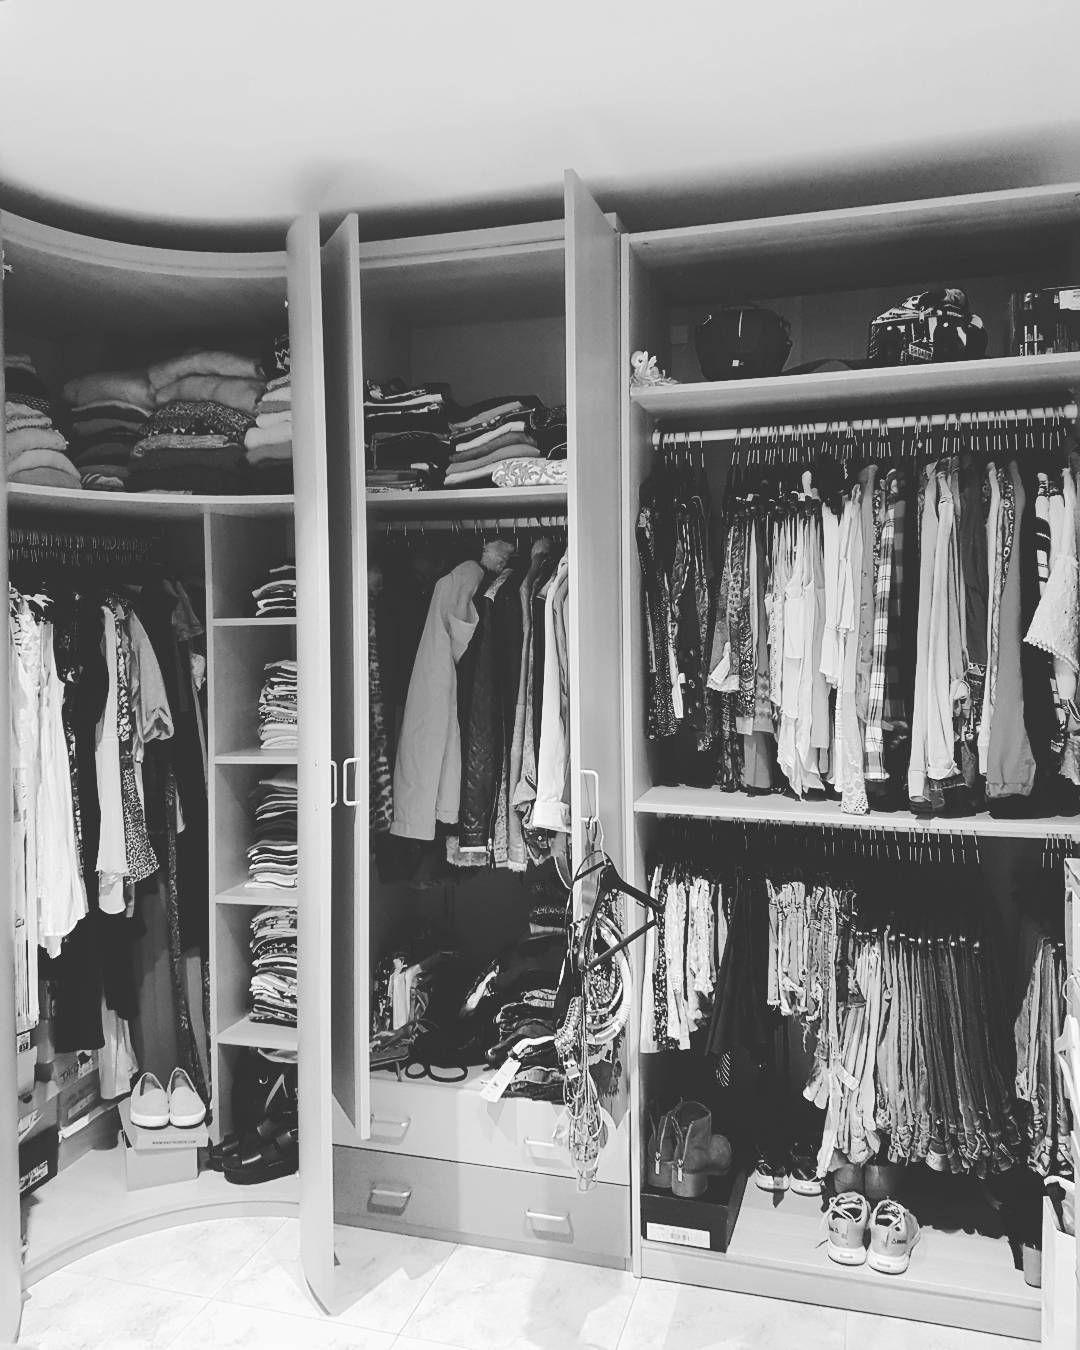 Tengo el armario lleno de ➡NADA QUE PONERME 😤😤 La culpa la tiene affinity y su 25% de descuento 🤒😲😷 #shop #armario #vestidor #full #clothes #vicio #shopper #personalshopper #nohayformadetenerlordenado #crazy #dream #bershka #inditex